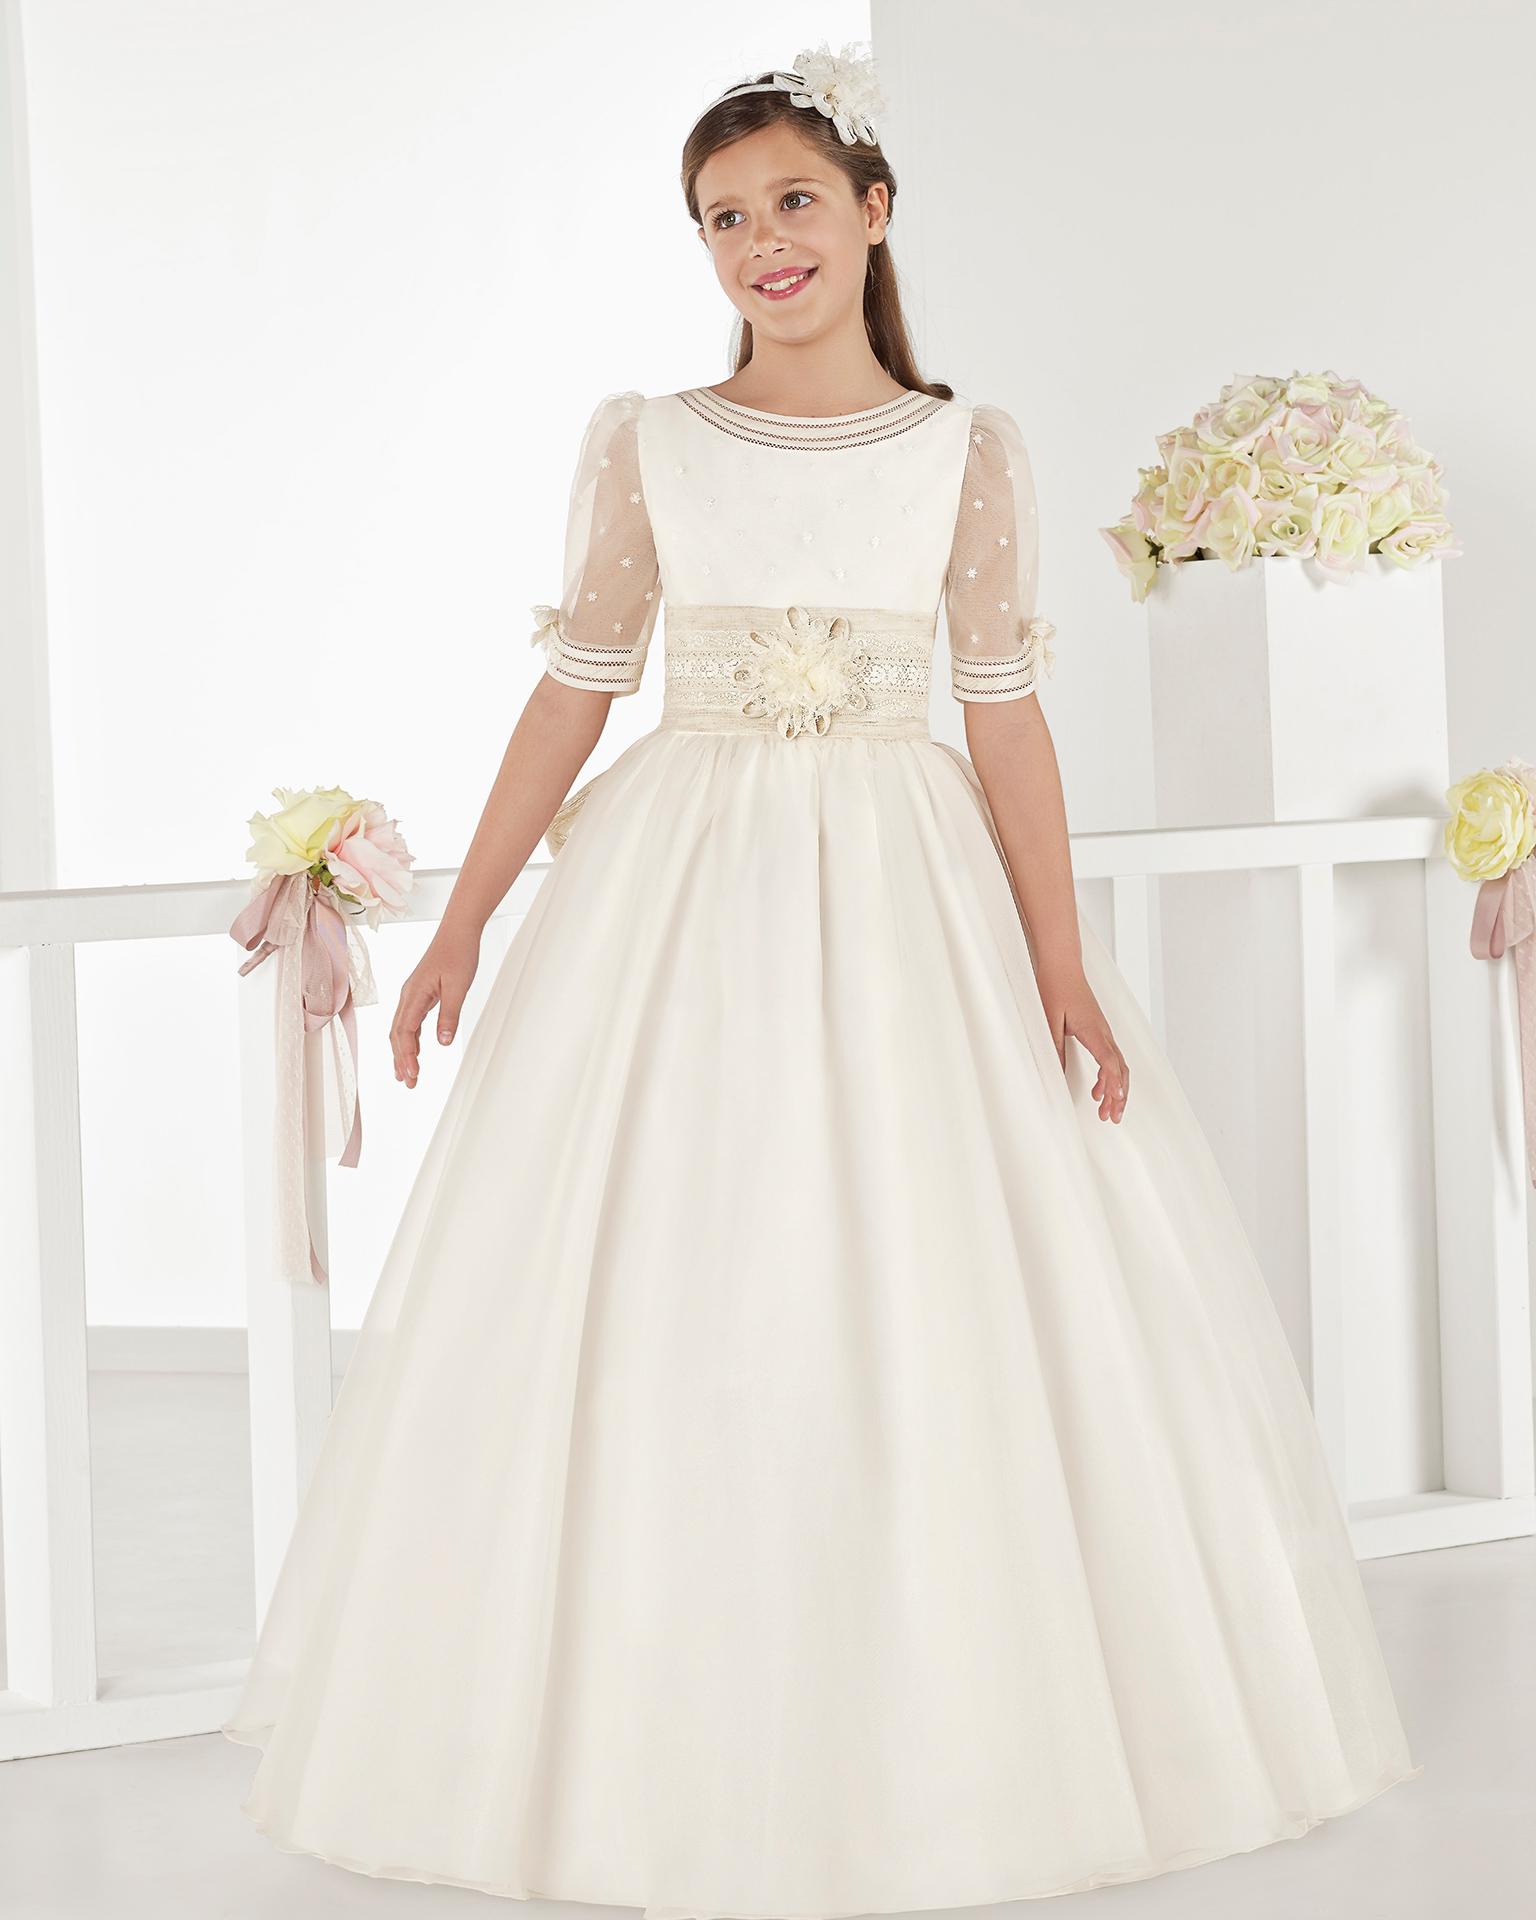 Vestido de comunhão fantasia, de cintura standard, de organza baça, em cor marfim. Coleção AIRE COMUNION 2018.